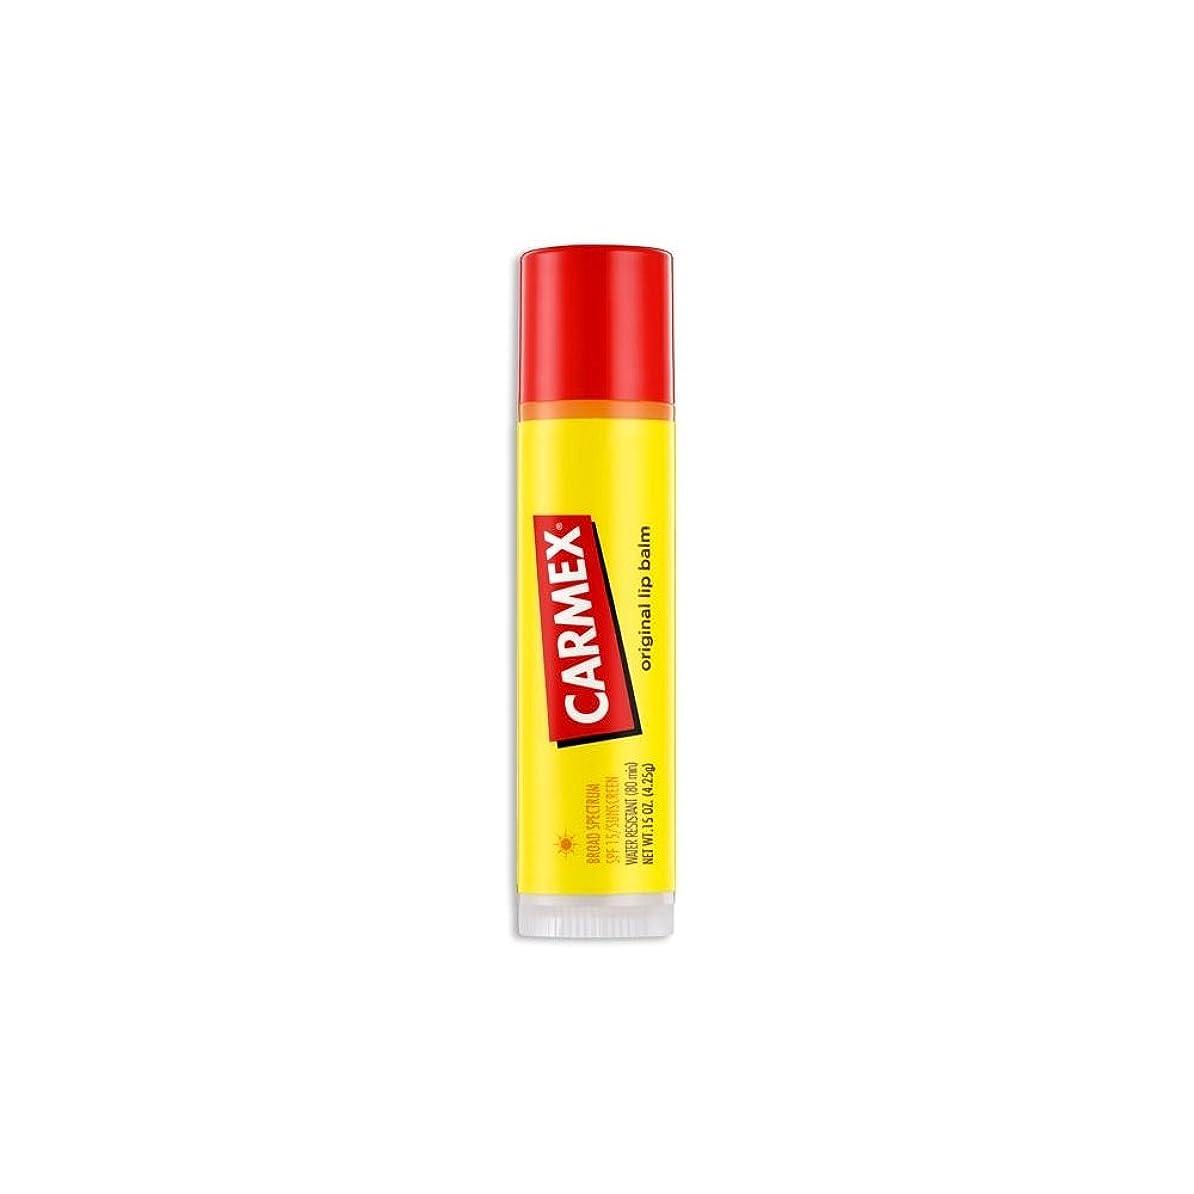 スイス人控えめなかき混ぜる(6 Pack) CARMEX Original Flavor Sticks Original (並行輸入品)